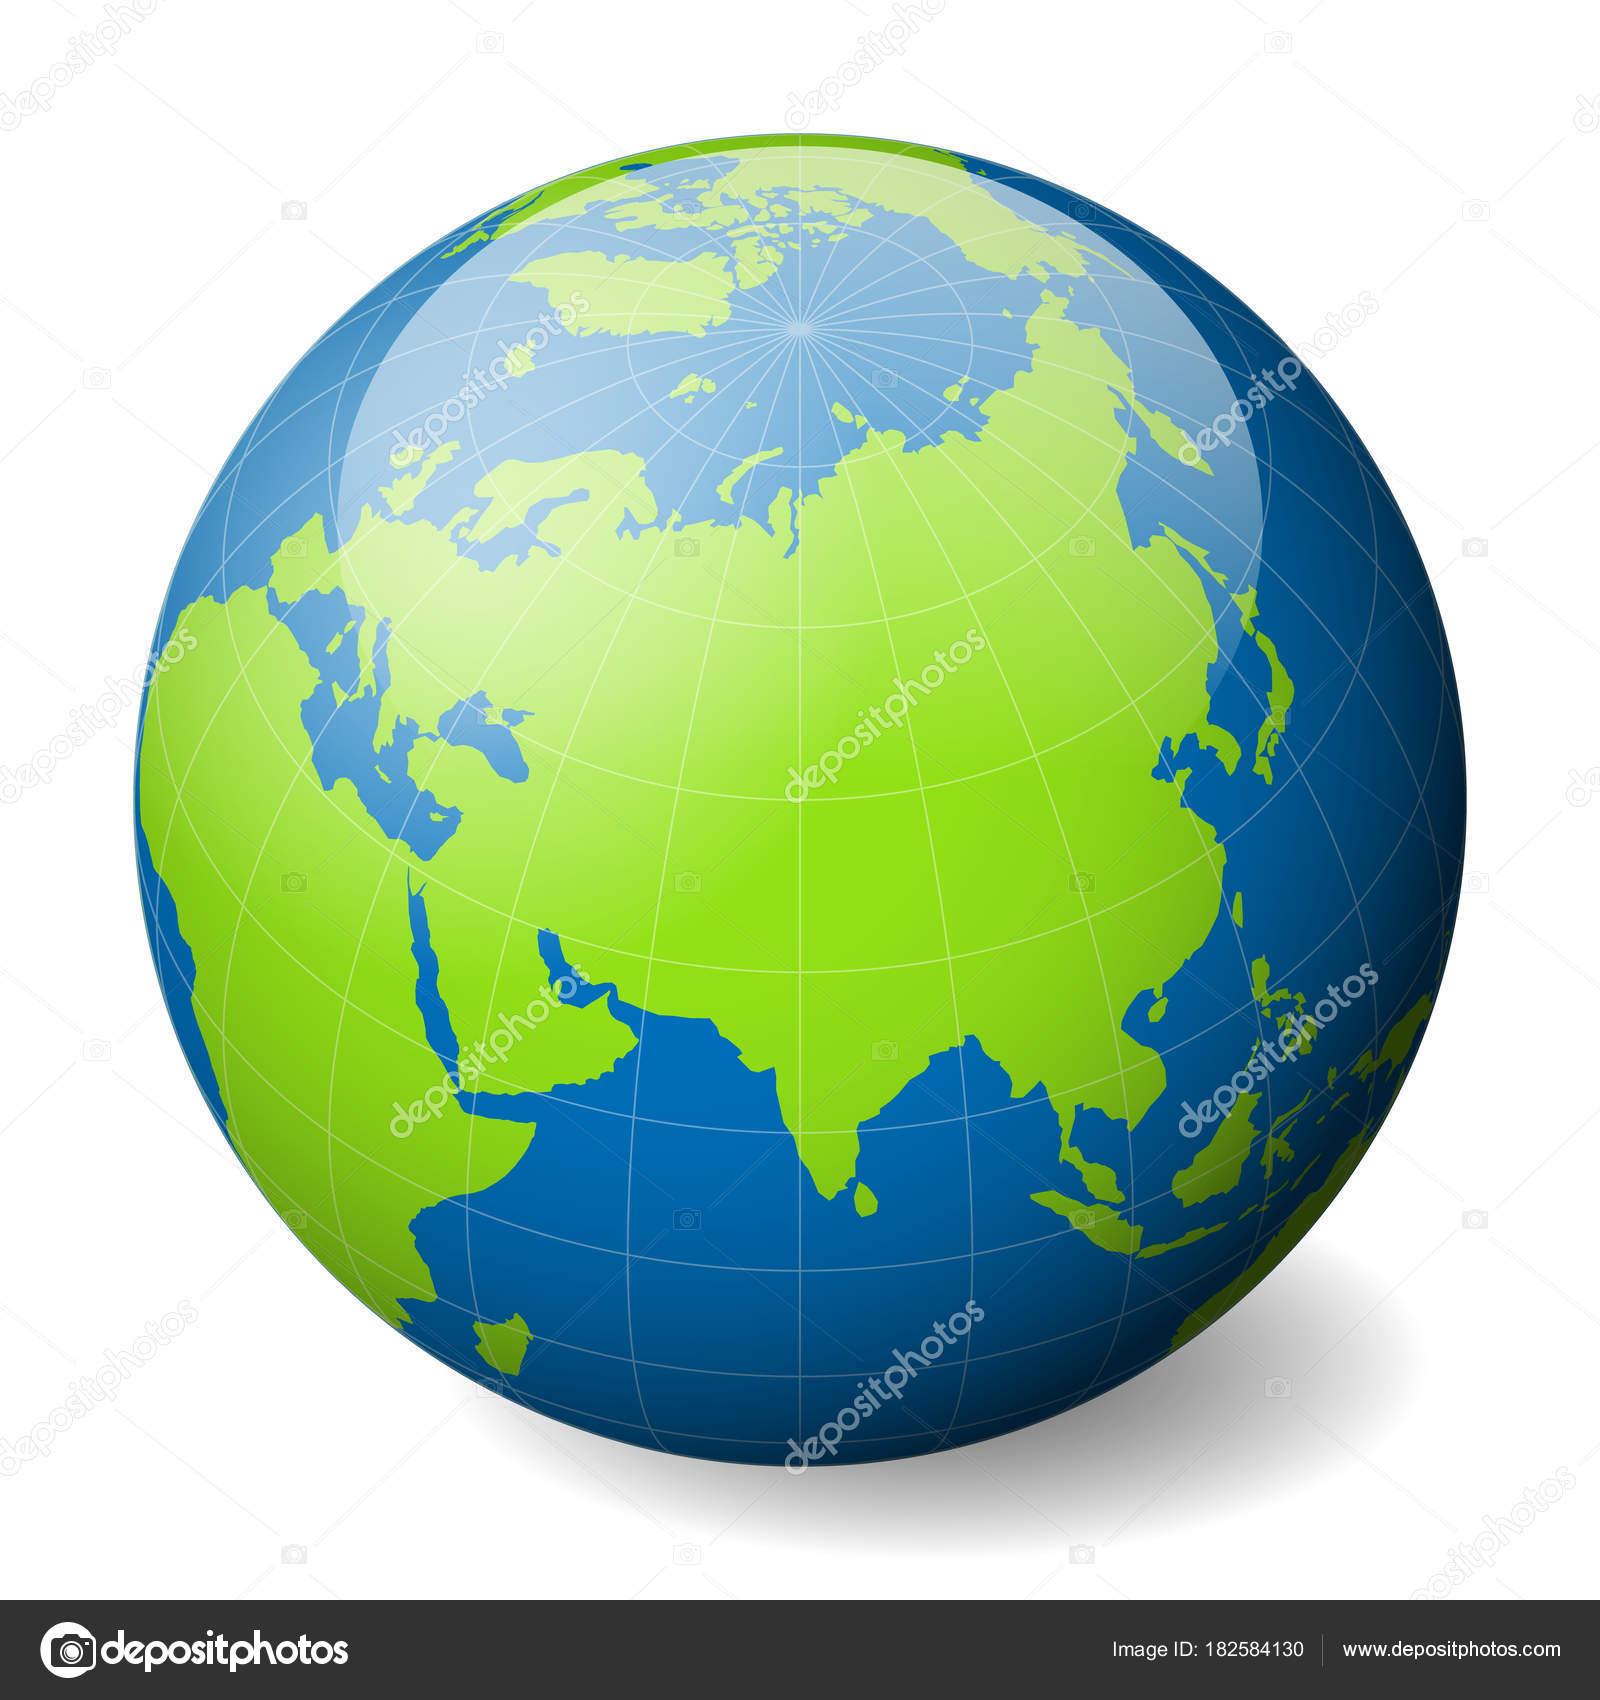 Cartina Del Mondo Con Meridiani E Paralleli.Globo Della Terra Con Il Mondo Verde Blu E Mappa Mari E